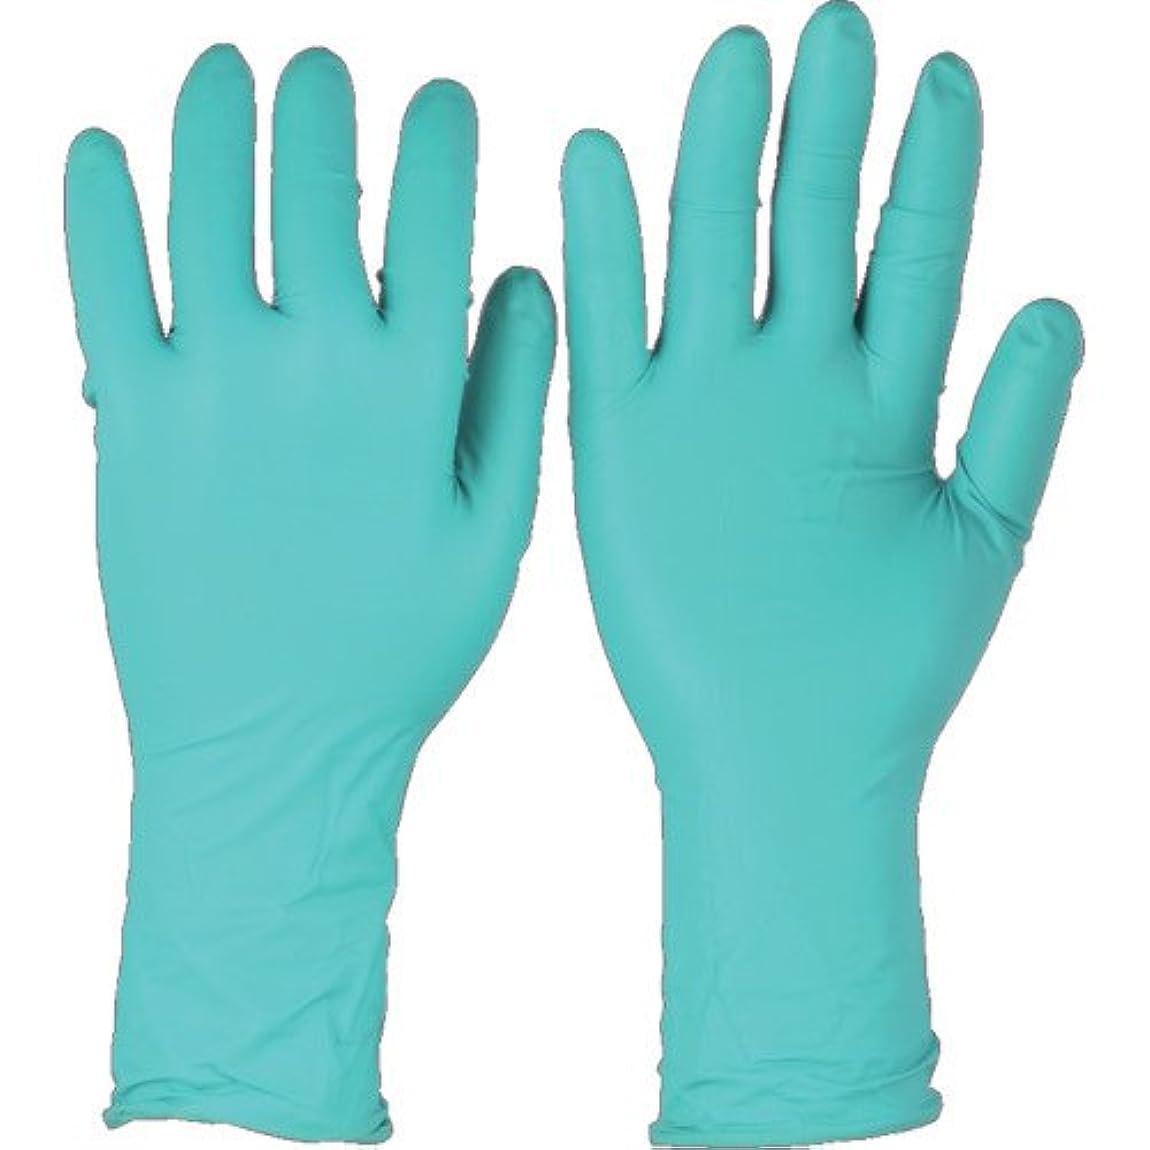 卒業エンジニアリングファイナンストラスコ中山 アンセル ネオプレンゴム使い捨て手袋 マイクロフレックス 93-260 XSサイズ (50枚入)  932606